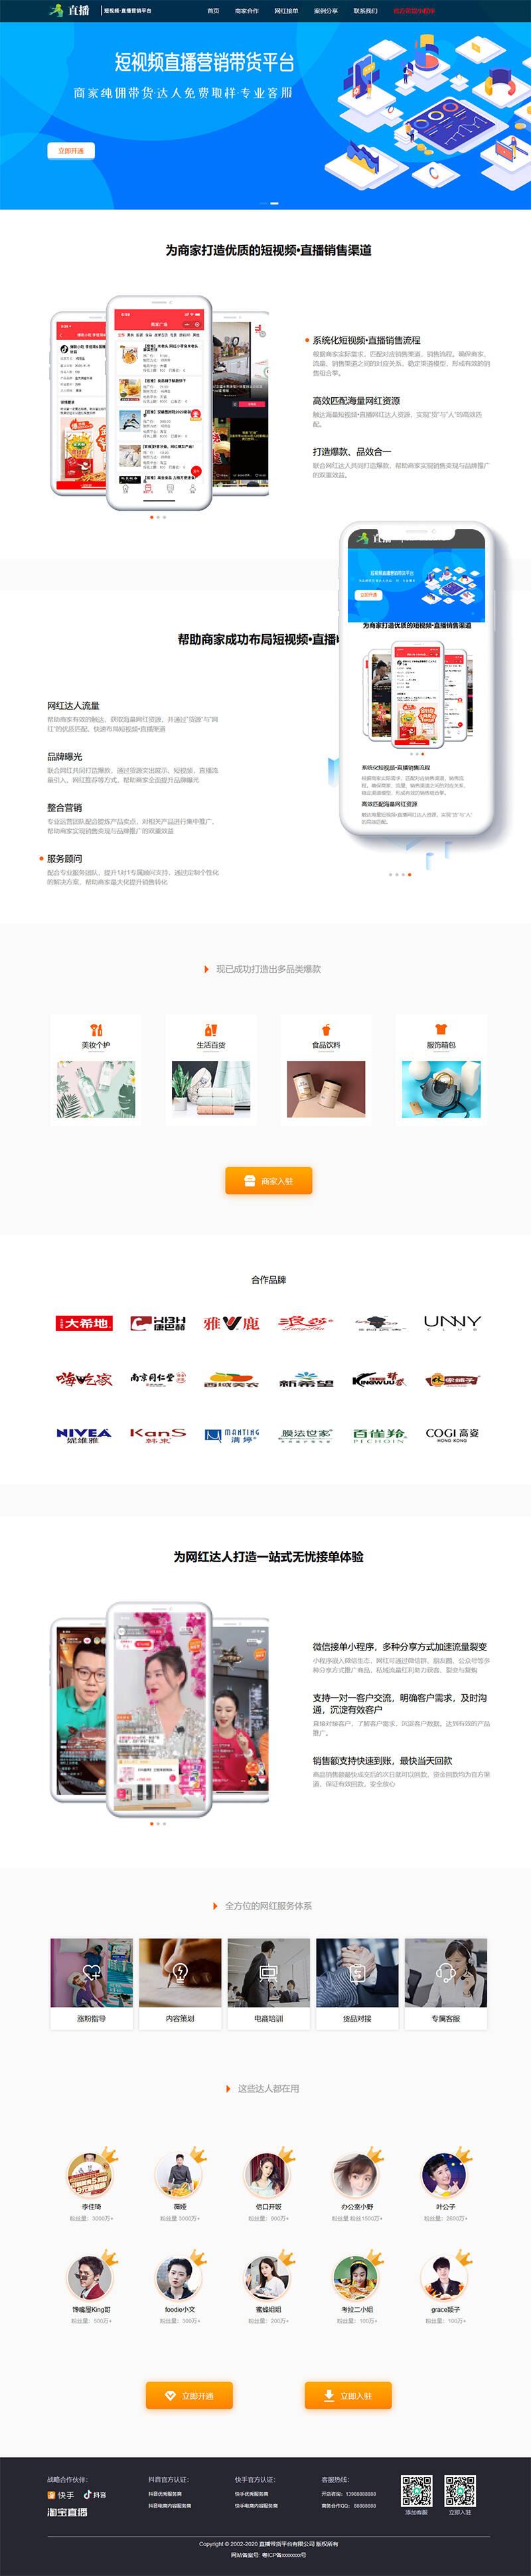 织梦dedecms模板响应式短视频直播带货营销平台类网站织梦模板(自适应手机端)+利于SEO优化